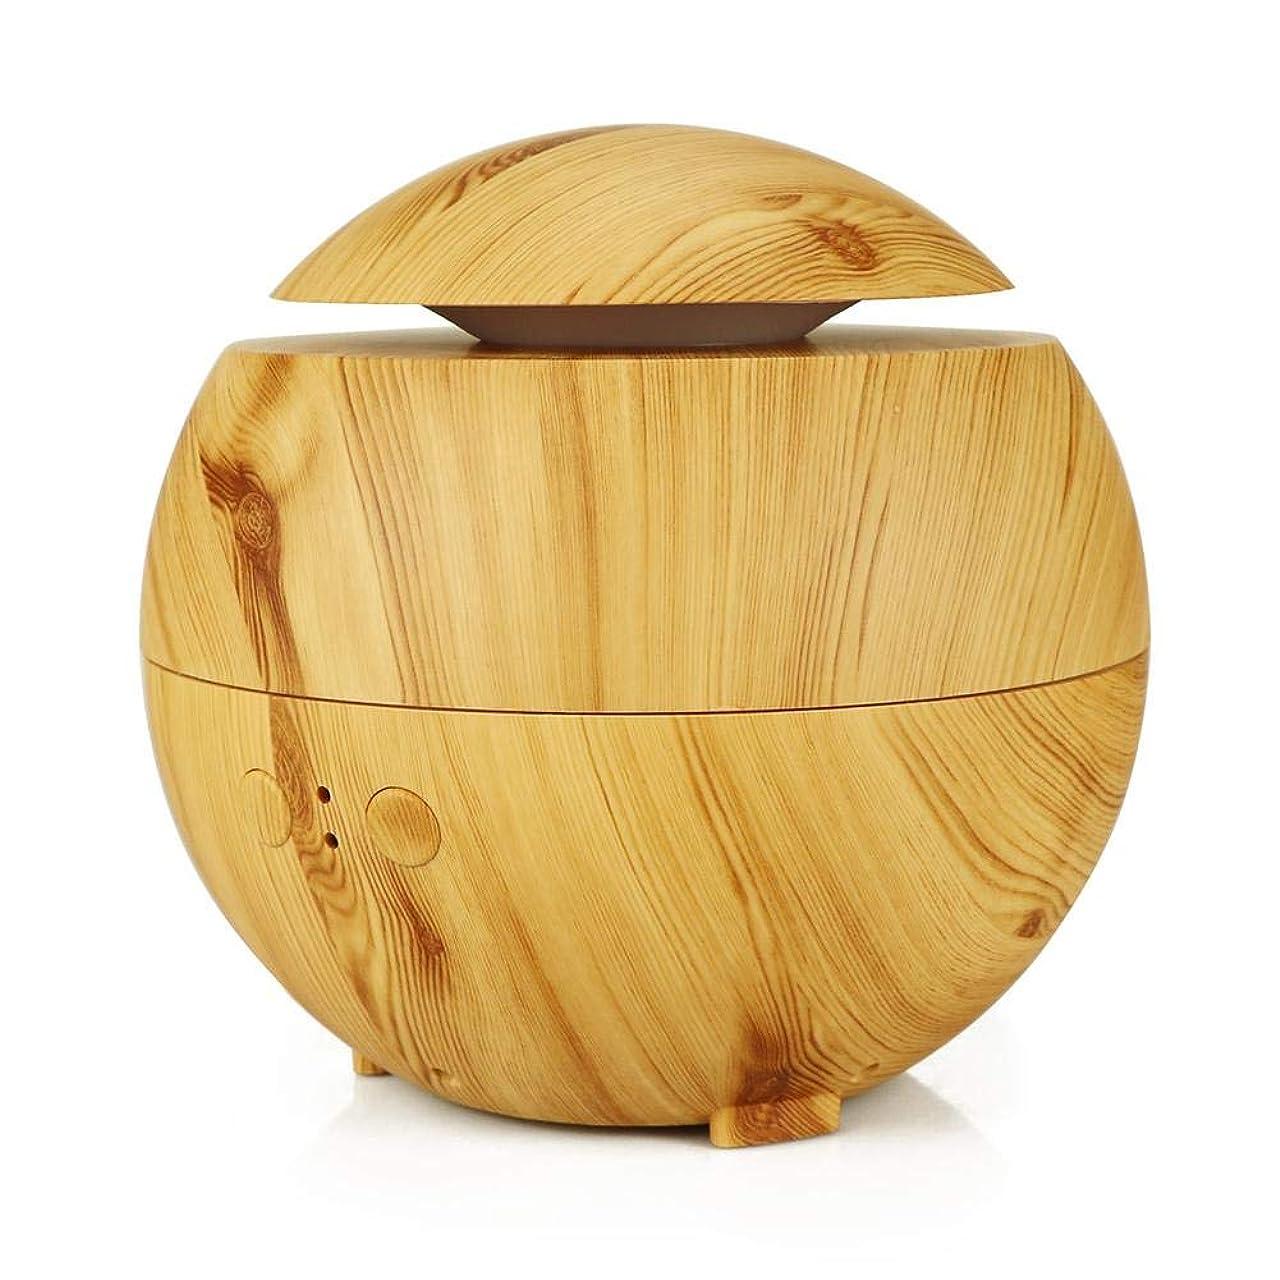 レギュラー階禁輸アロマ加湿器 超音波式加湿器 アロマディフューザー ABSとPP製 600ml 大容量 シンプル おしゃれ 静音 空焚き防止 耐腐食性 長持ち使える 木目調 Styleshow